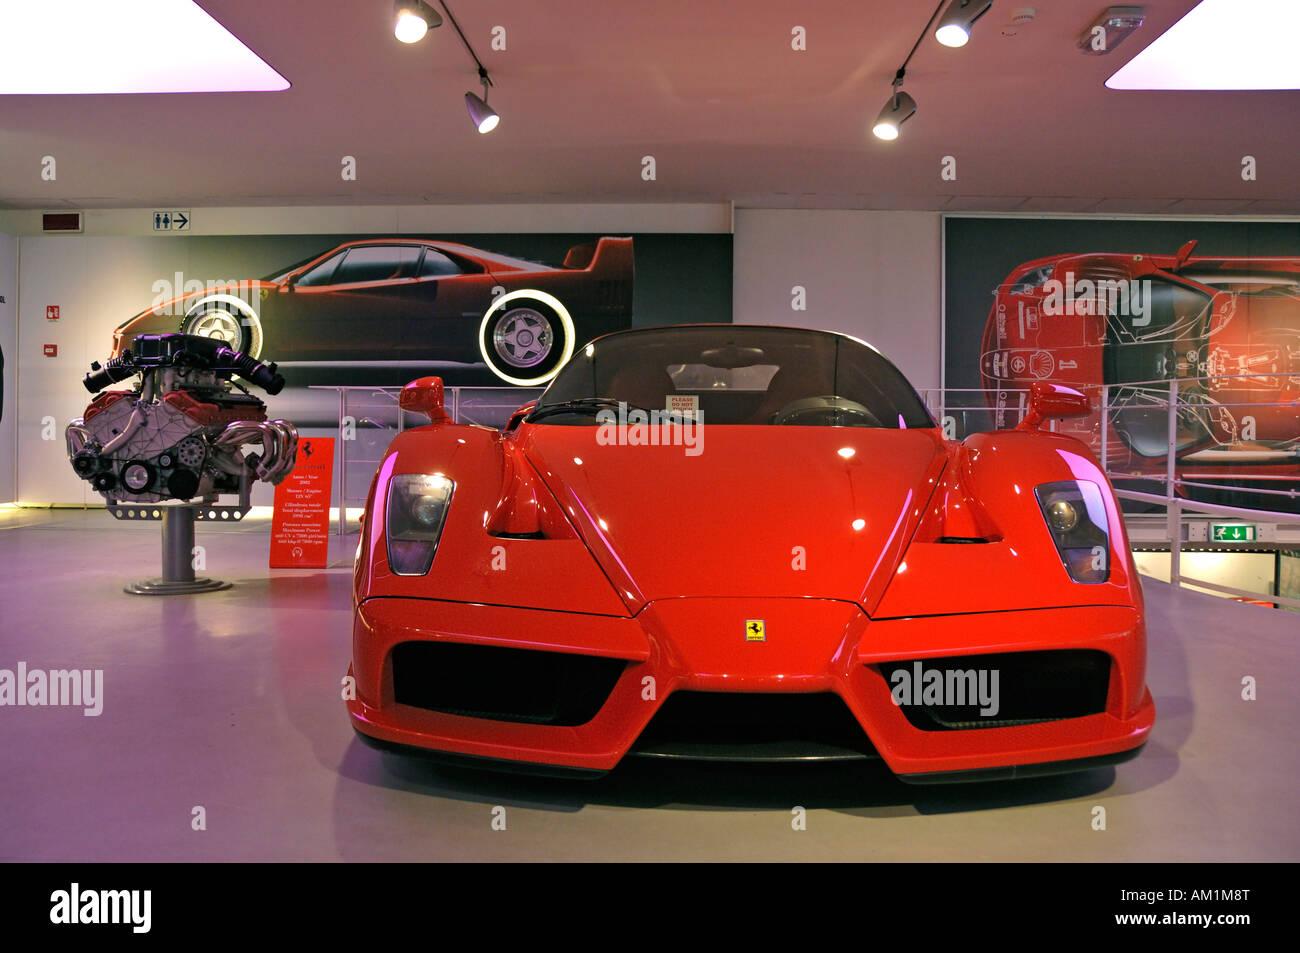 Special model Ferrari Enzo, in the Ferrari museum, Maranello, Emiglia Romana, Italy - Stock Image